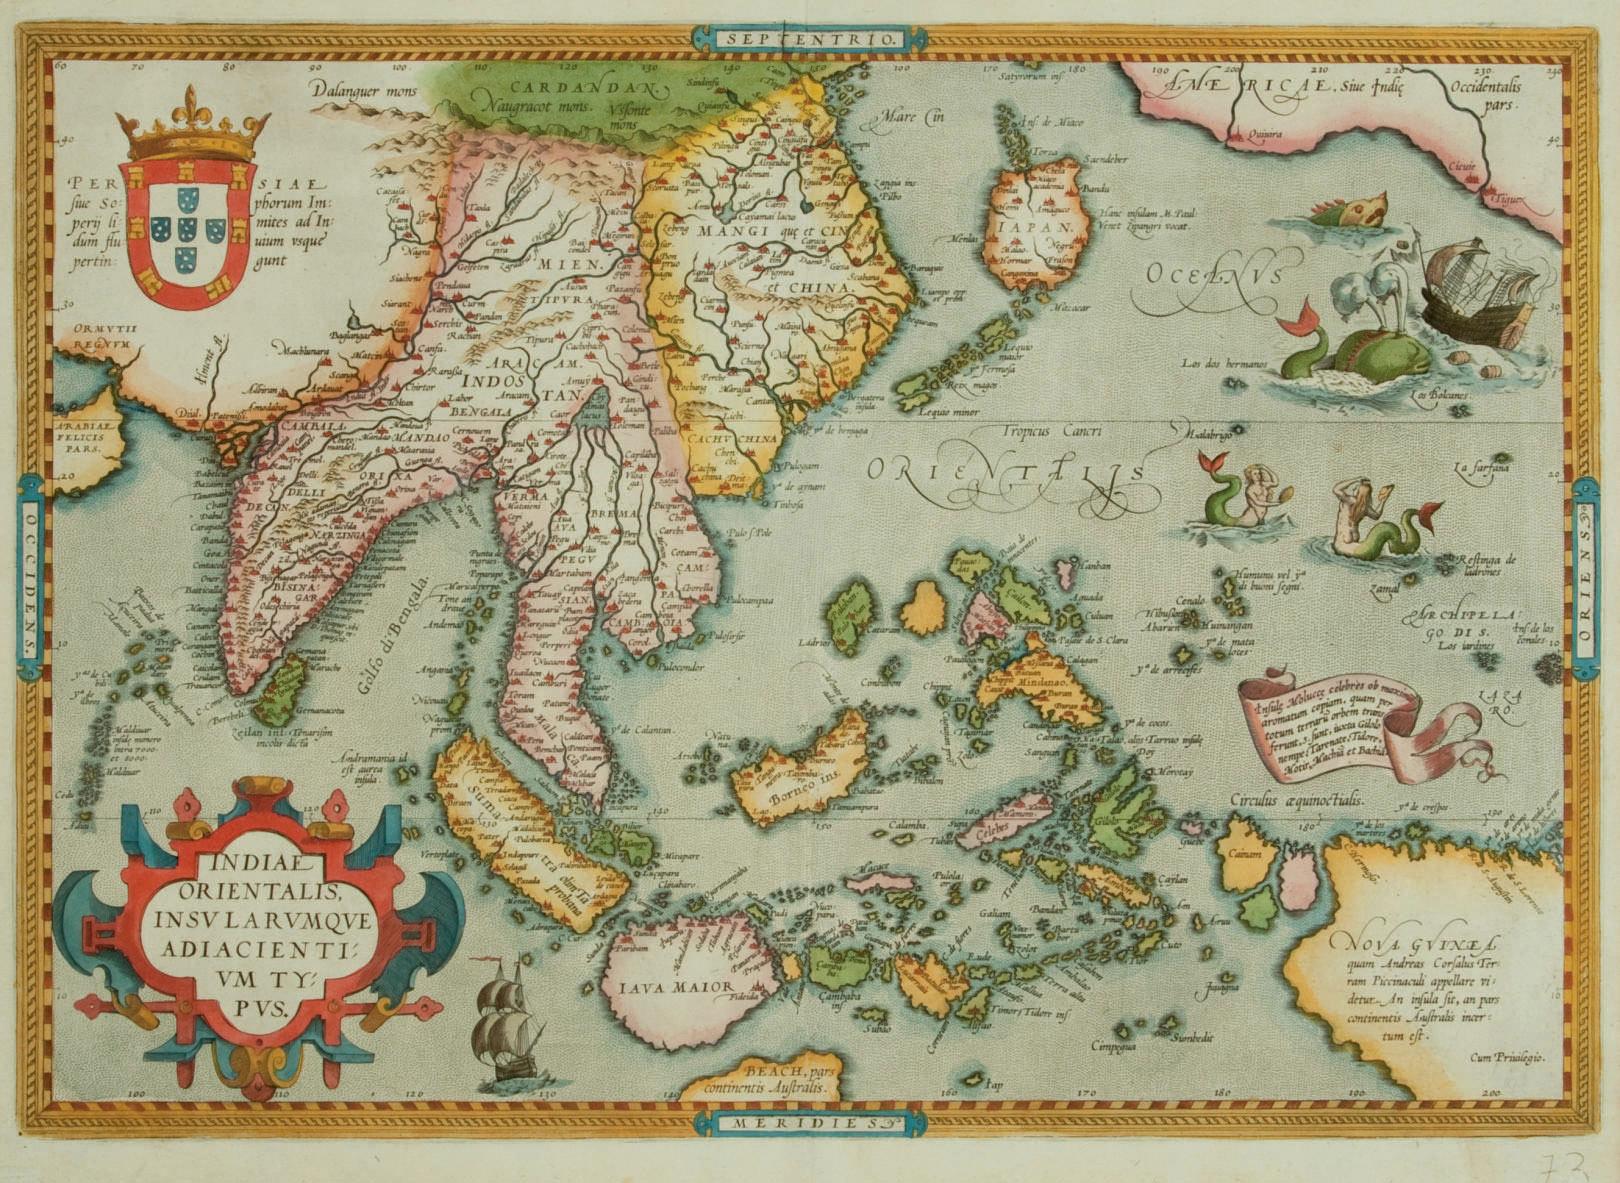 [CARTE] -- ORTELIUS, Abraham (1527-1589). Indiae orientalis Insularumque adiacentium typus. [Anvers 1570 ou après]. (350 x 494 mm). Coloriée. Belle carte très décorative avec monstres et bateaux, le cartouche en haut à gauche sur le territoire de la Perse avec les armes du Portugal. (Trace de pliure centrale.)